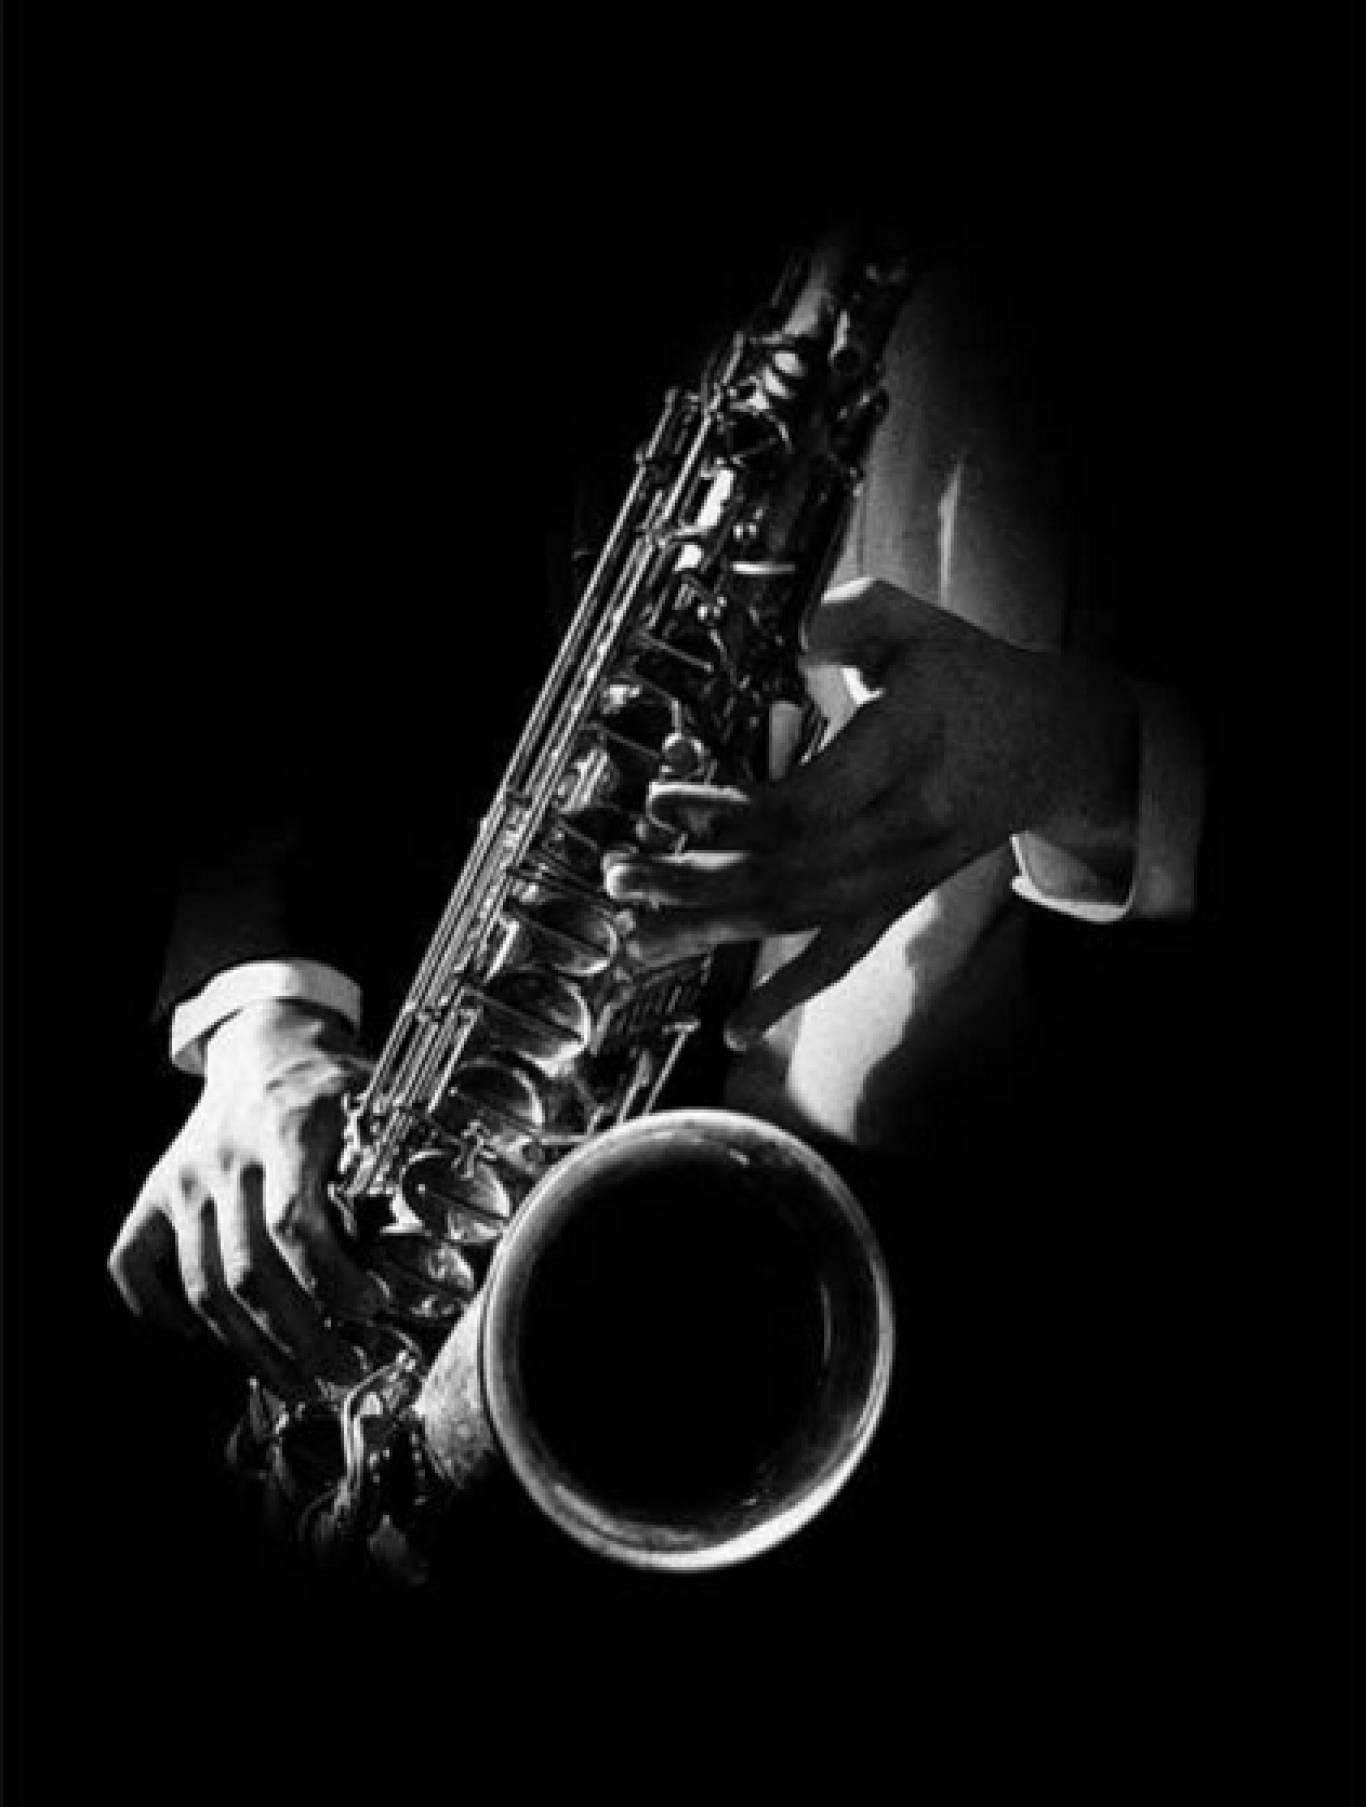 Музика саксофона у Вітальні щасливого часу